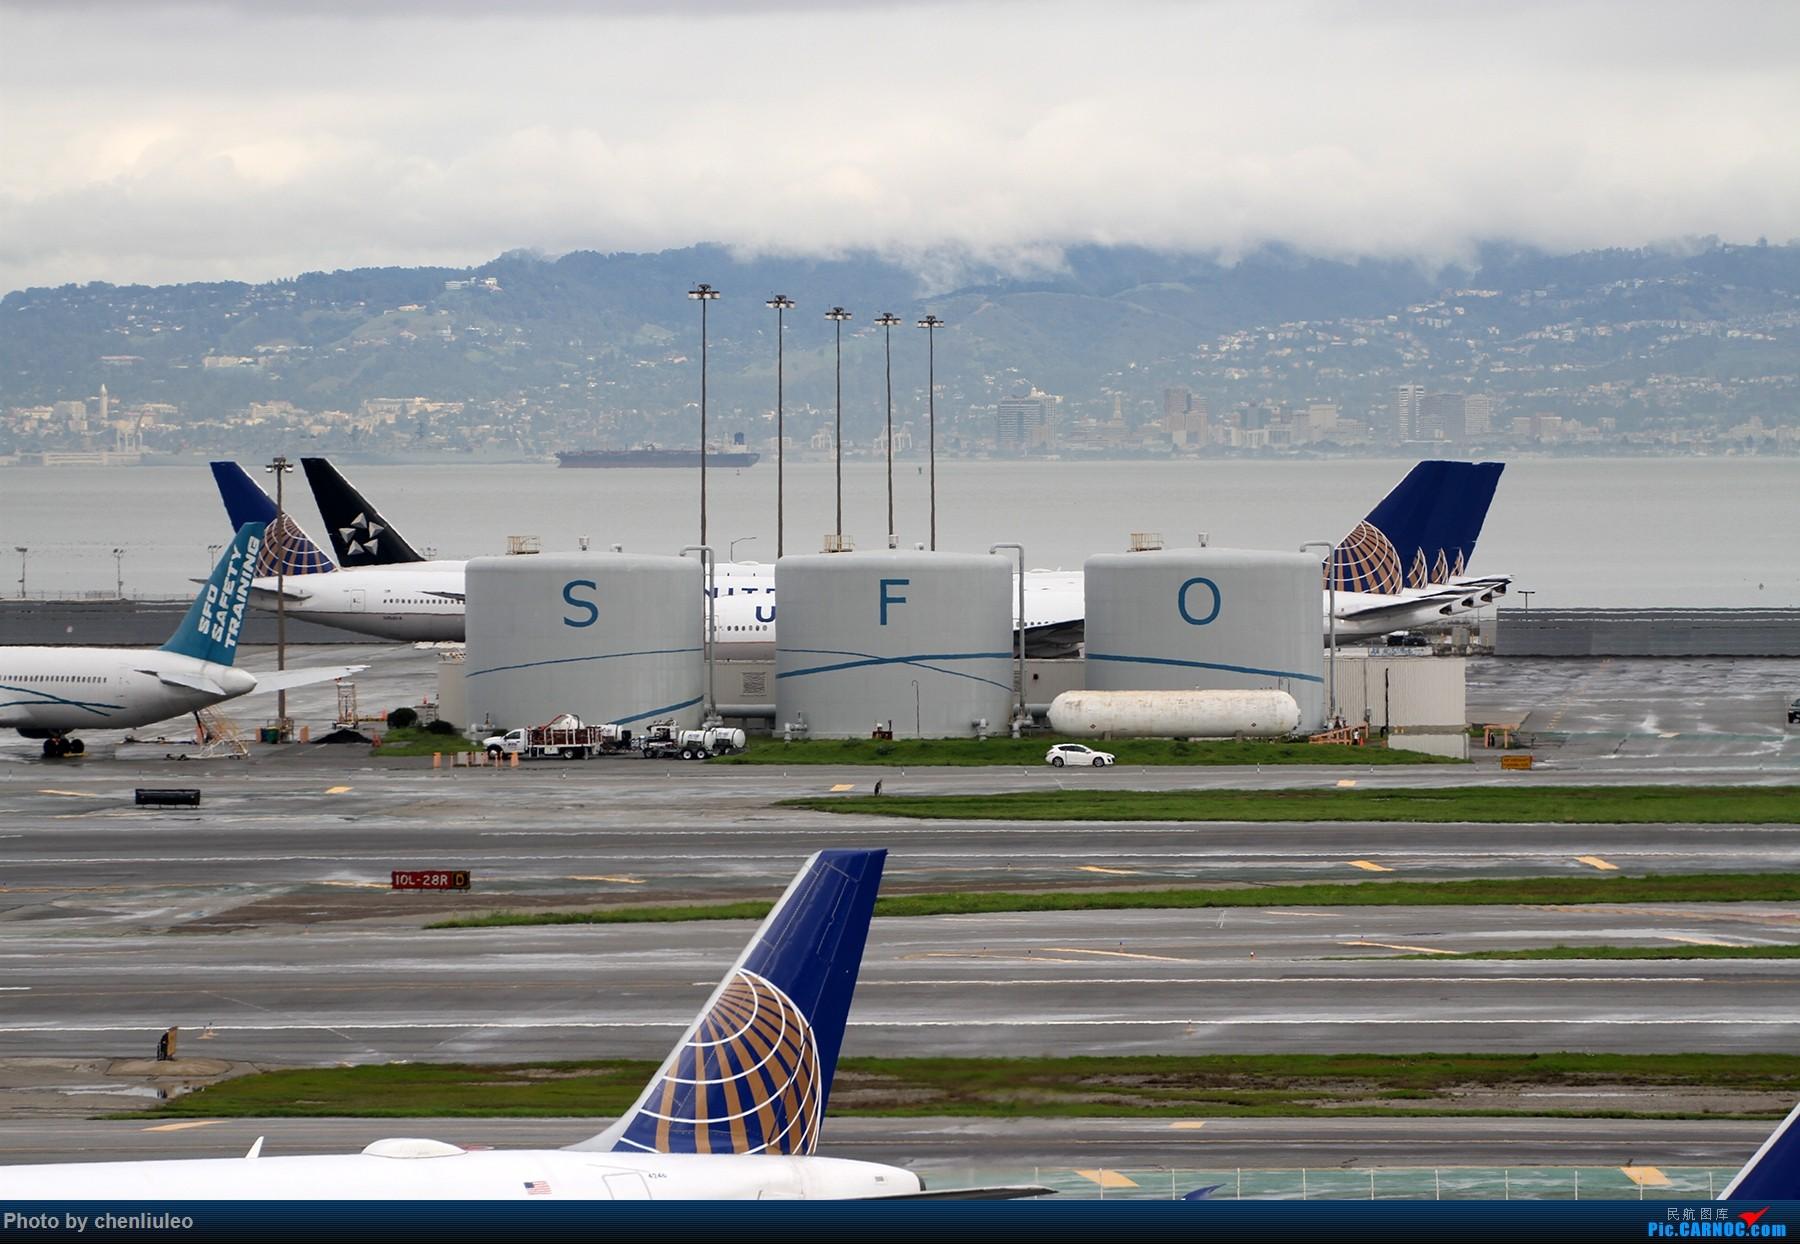 Re:[原创]【杭州飞友会】美国联合航空旧金山直飞杭州初体验 一切都很UA AIRBUS A321-231 N107NN 美国旧金山机场 美国旧金山机场